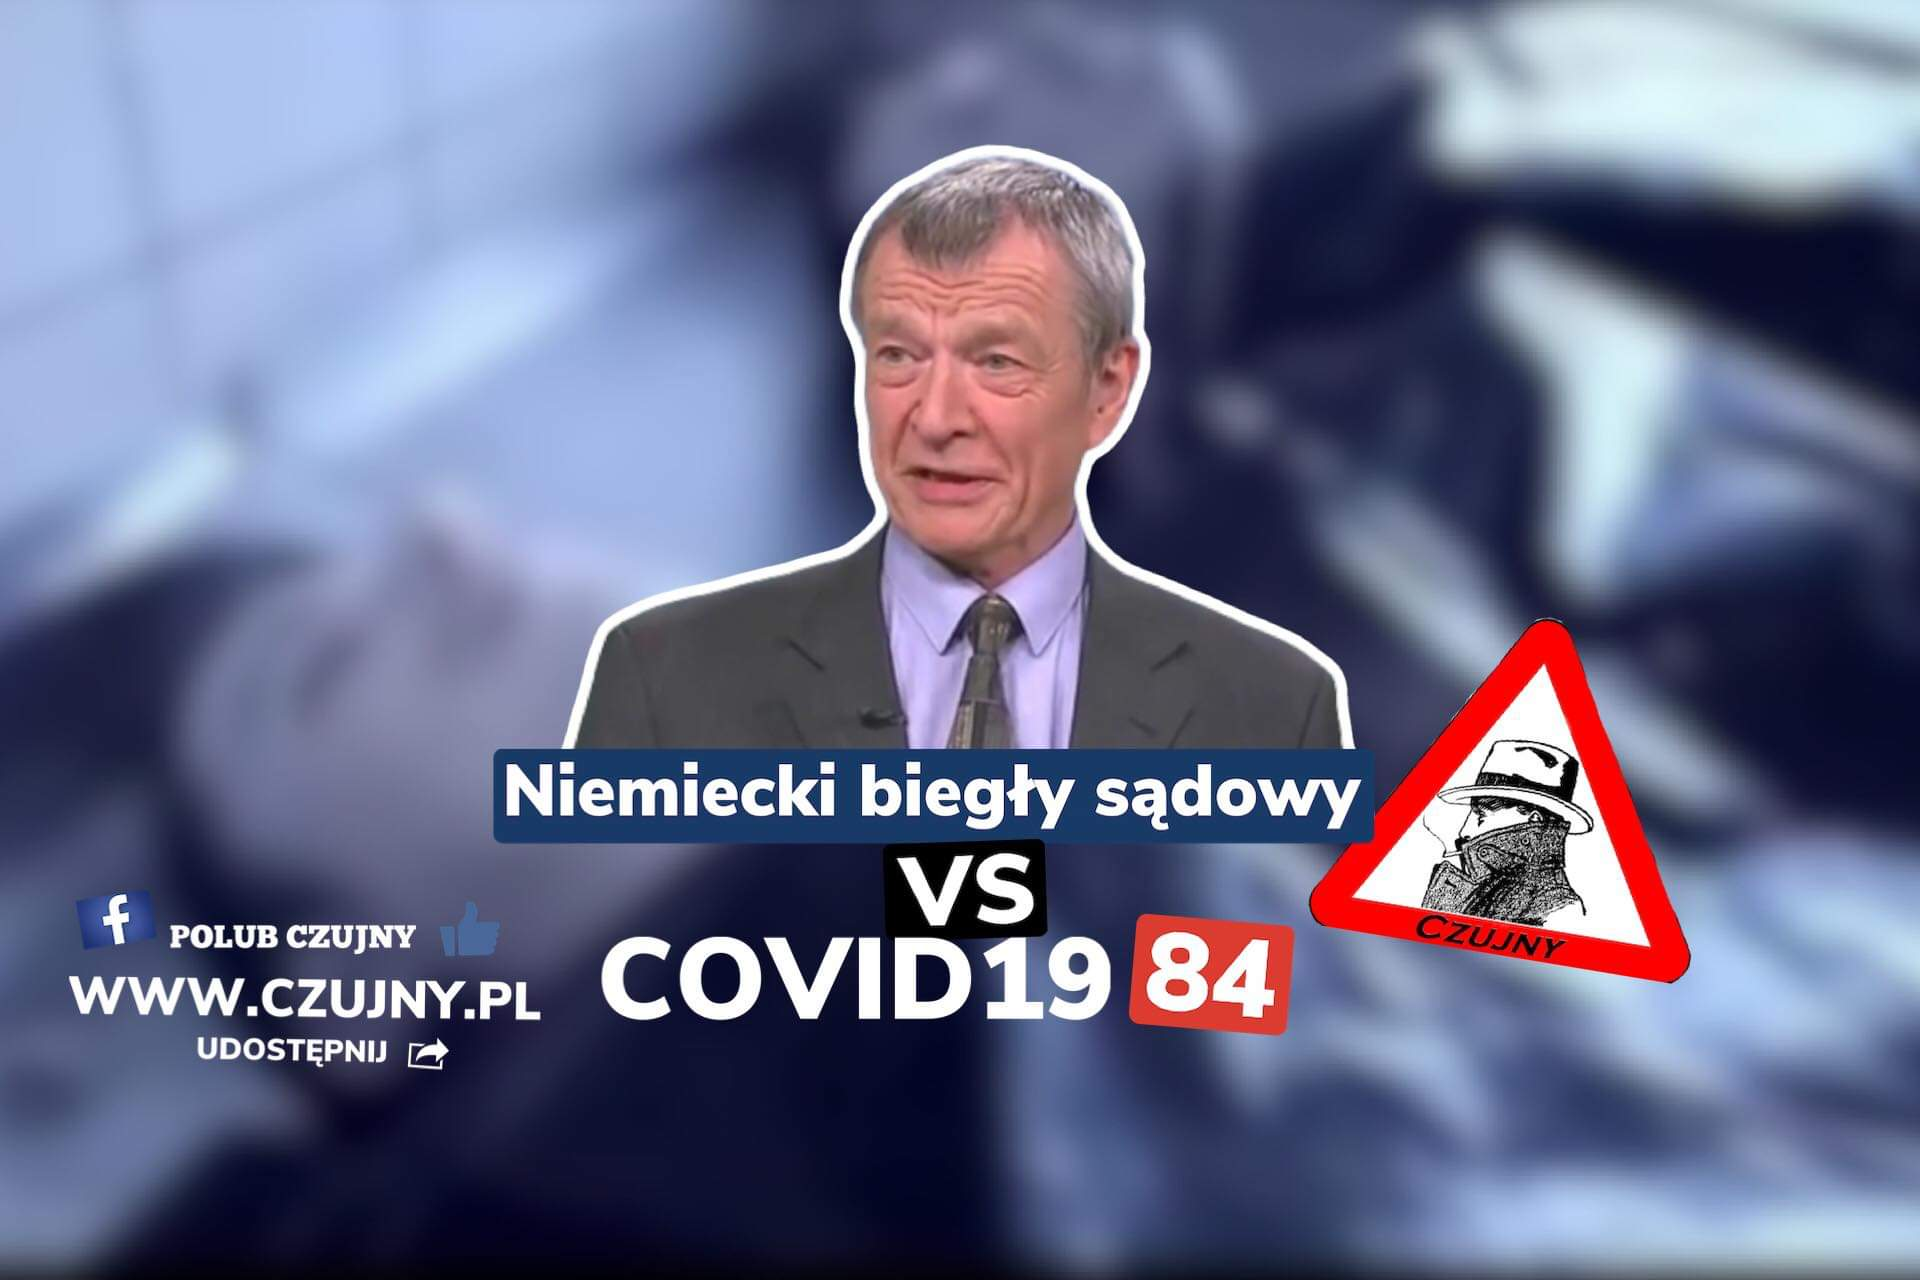 Szef Instytutu Medycyny Sądowej- Nikt nie zmarł na Covid-19. Video